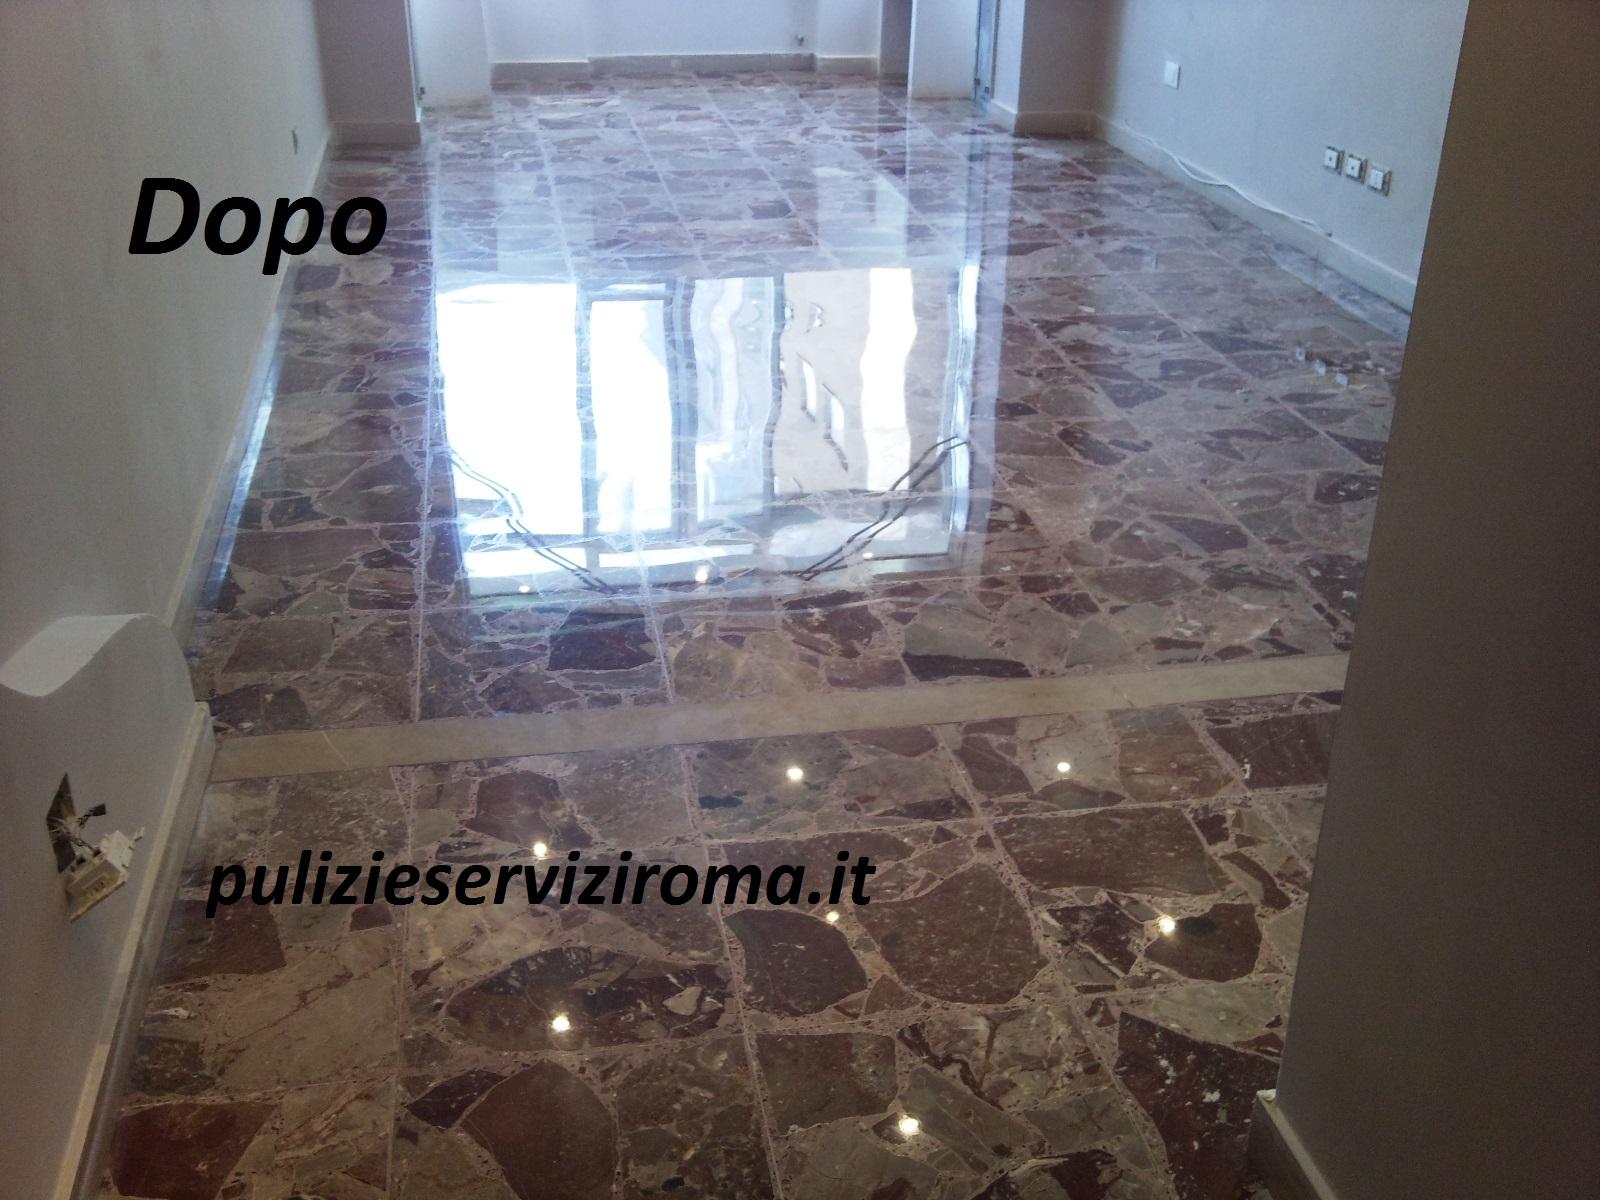 lucidatura pavimento in agglomerato di marmo - pulizieserviziroma.it